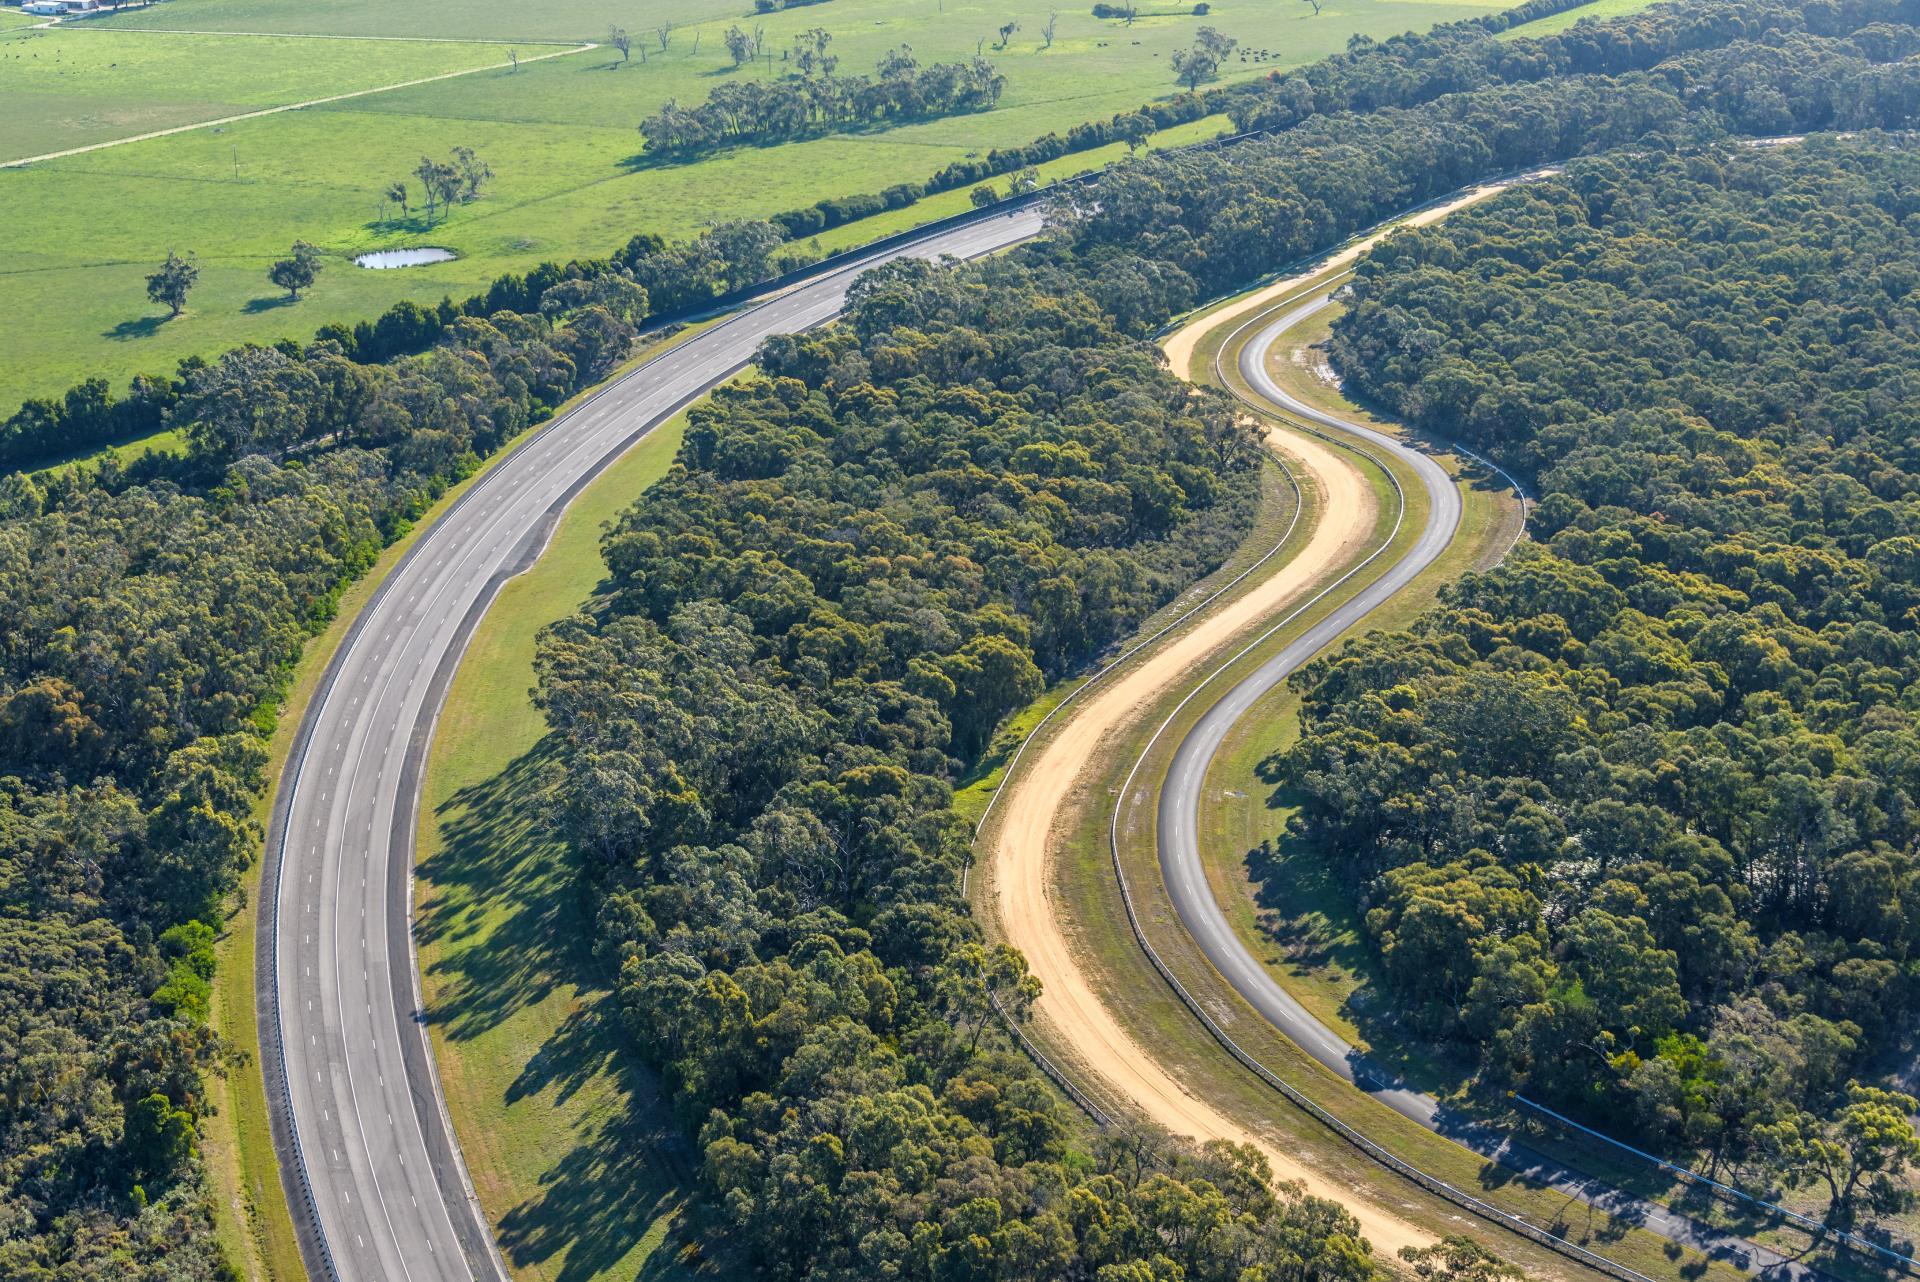 VinFast chính thức mua lại Trung tâm thử nghiệm xe rộng 872ha tại Australia - Ảnh 2.